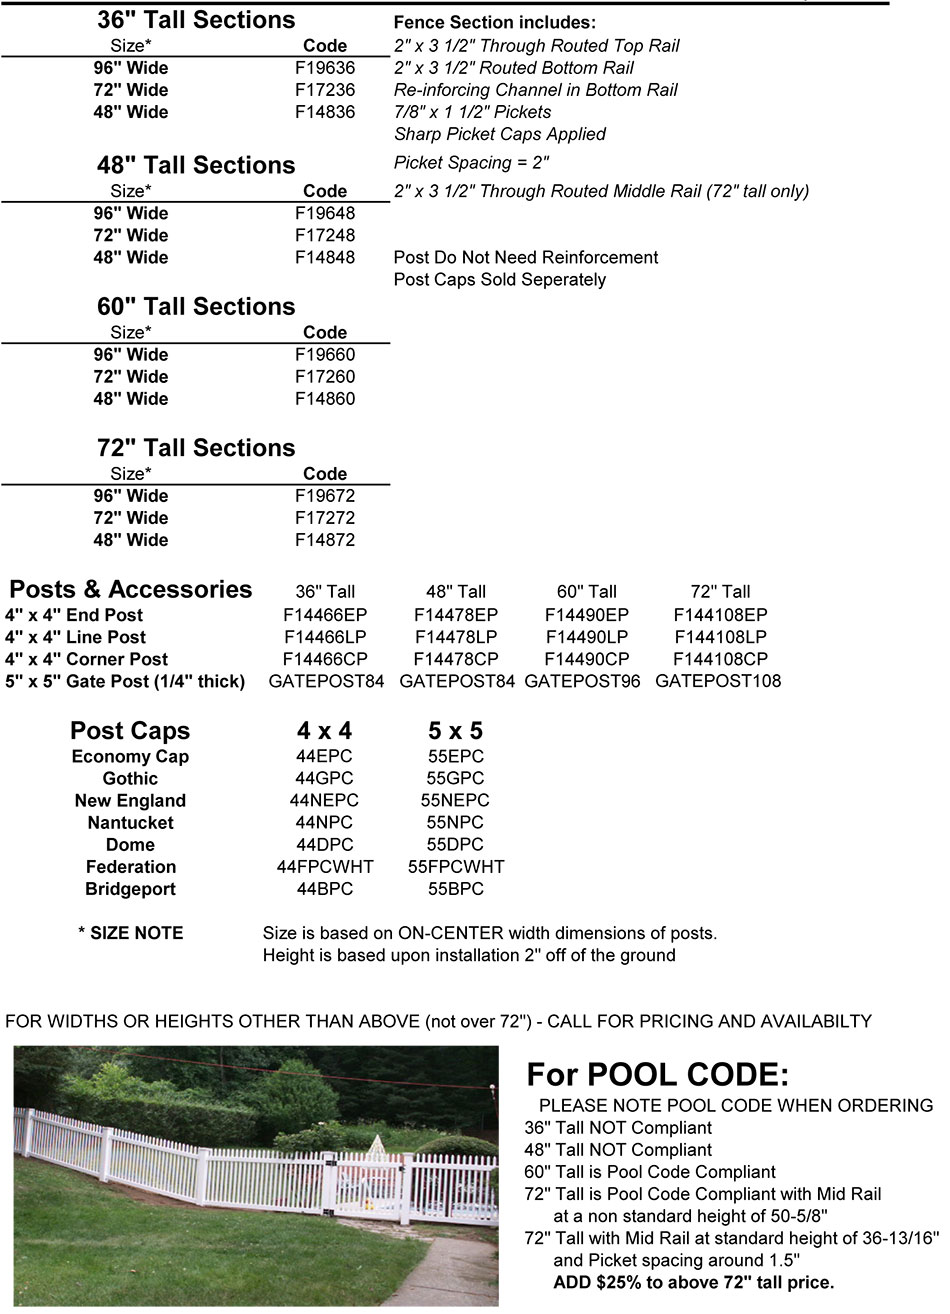 Fairmont 1 Size Information